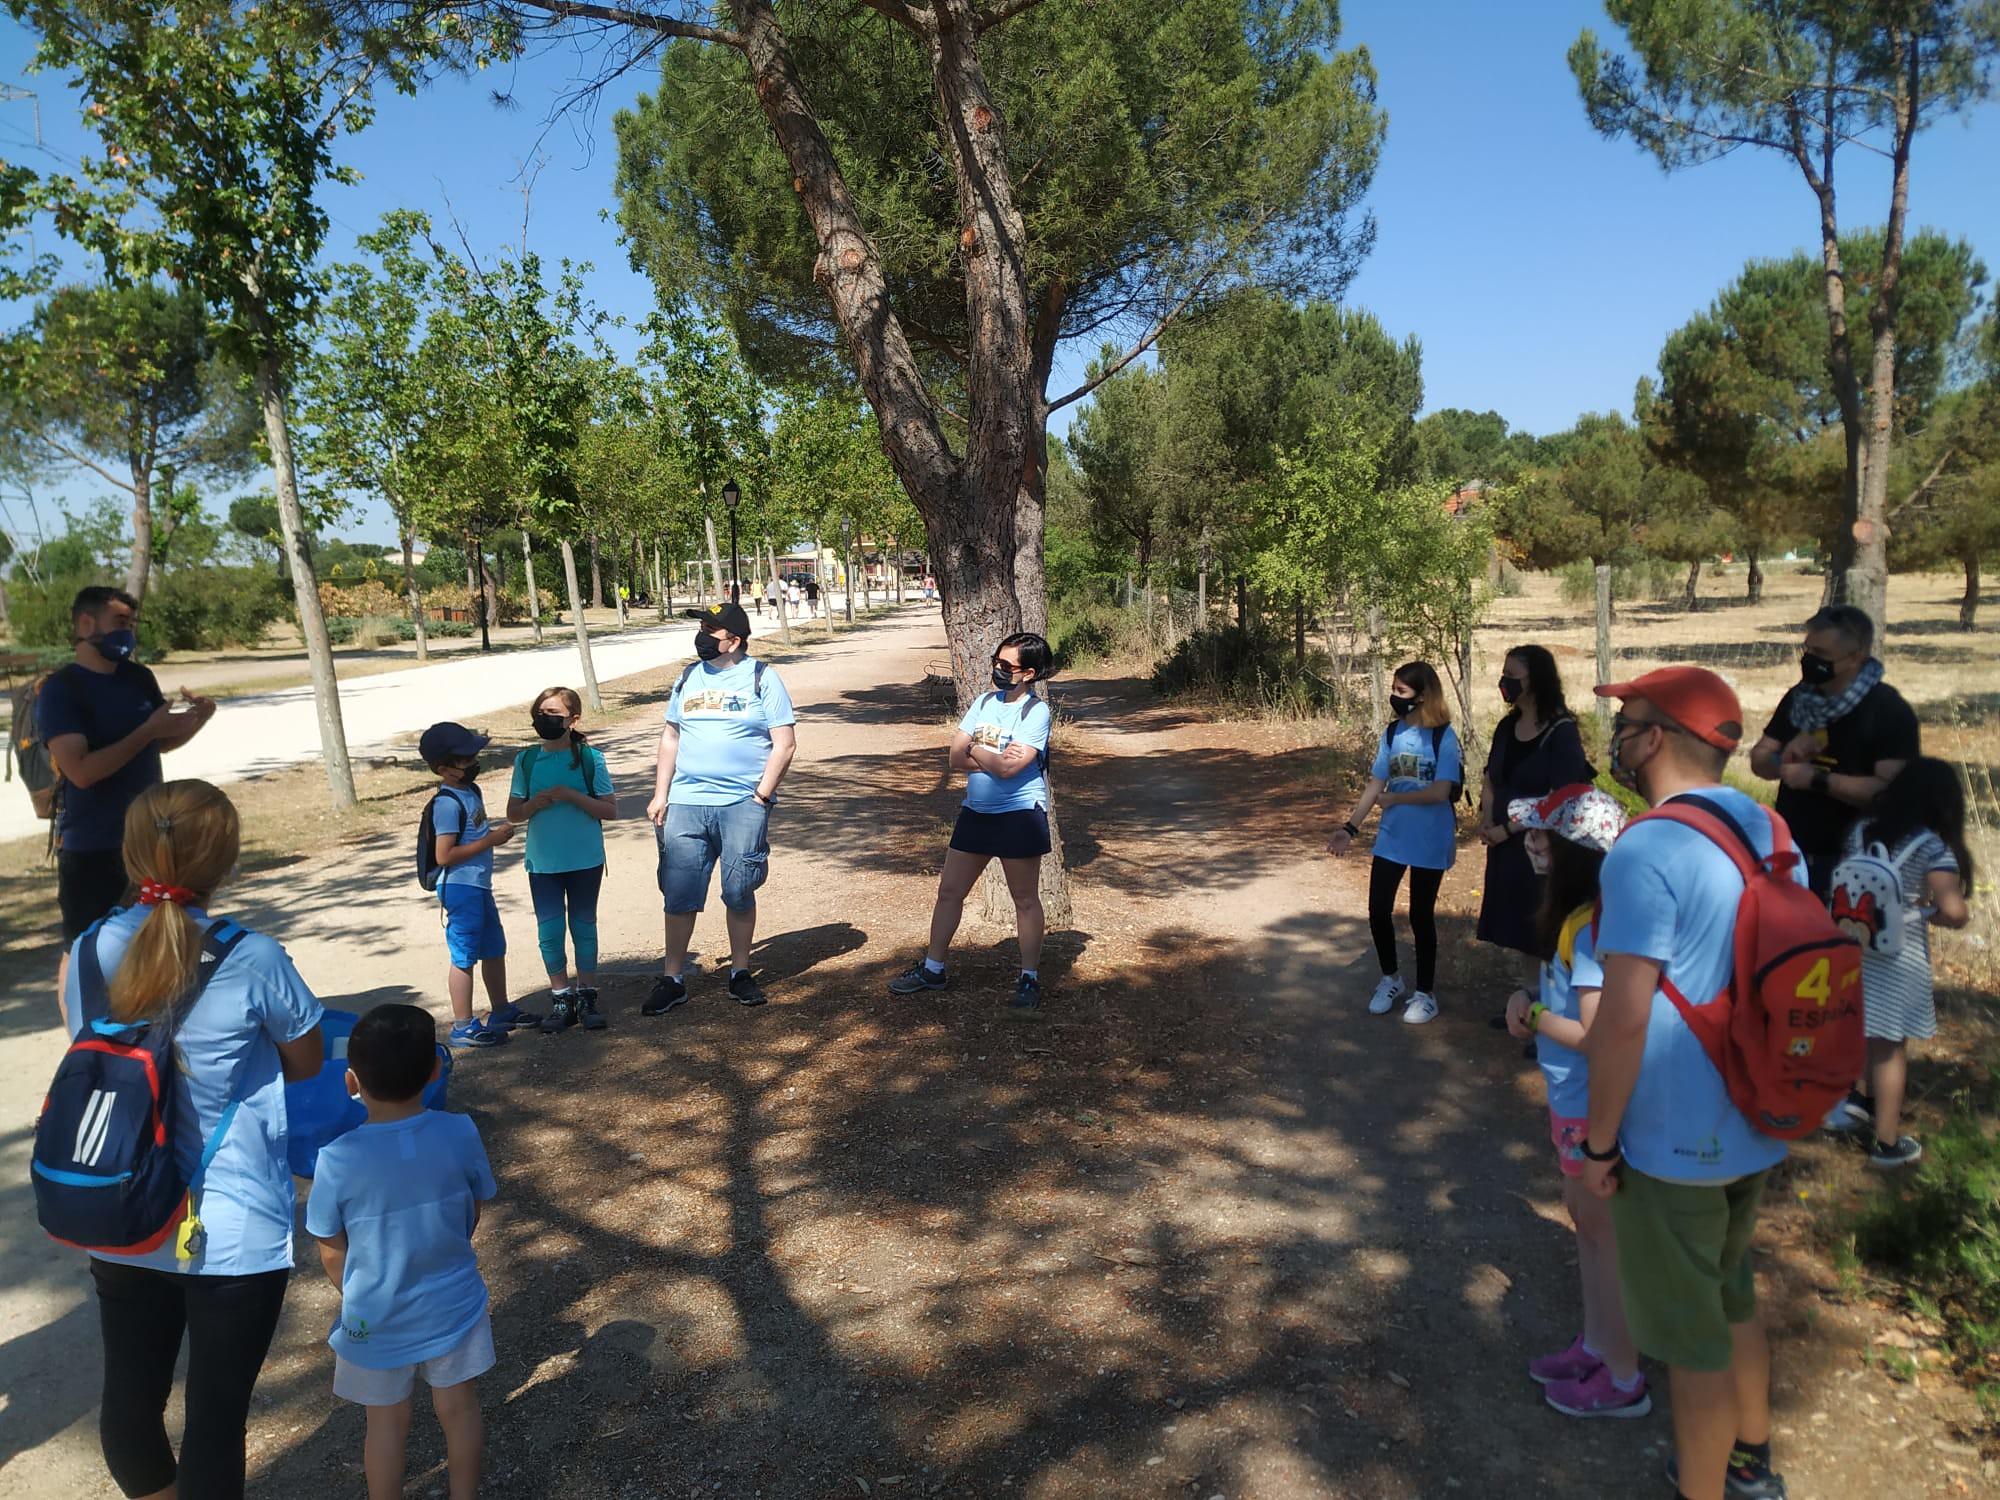 Charla informativa en Parque Polvoranca